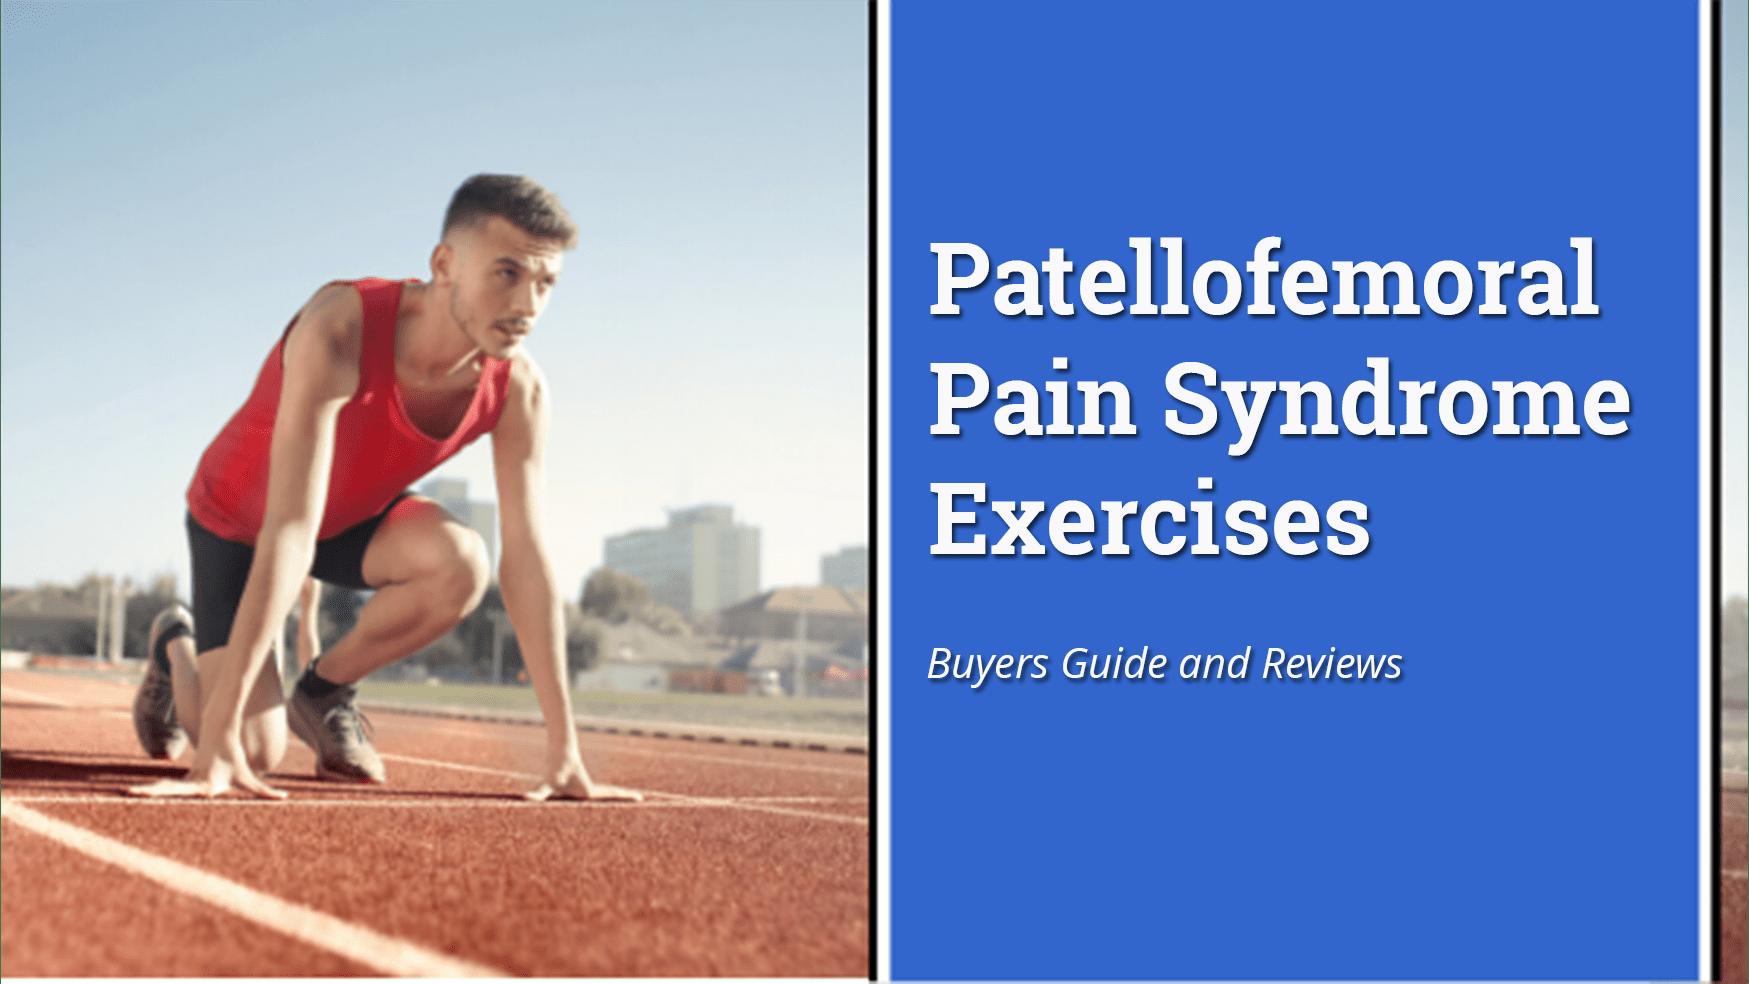 Patellofemoral pain syndrome exercises